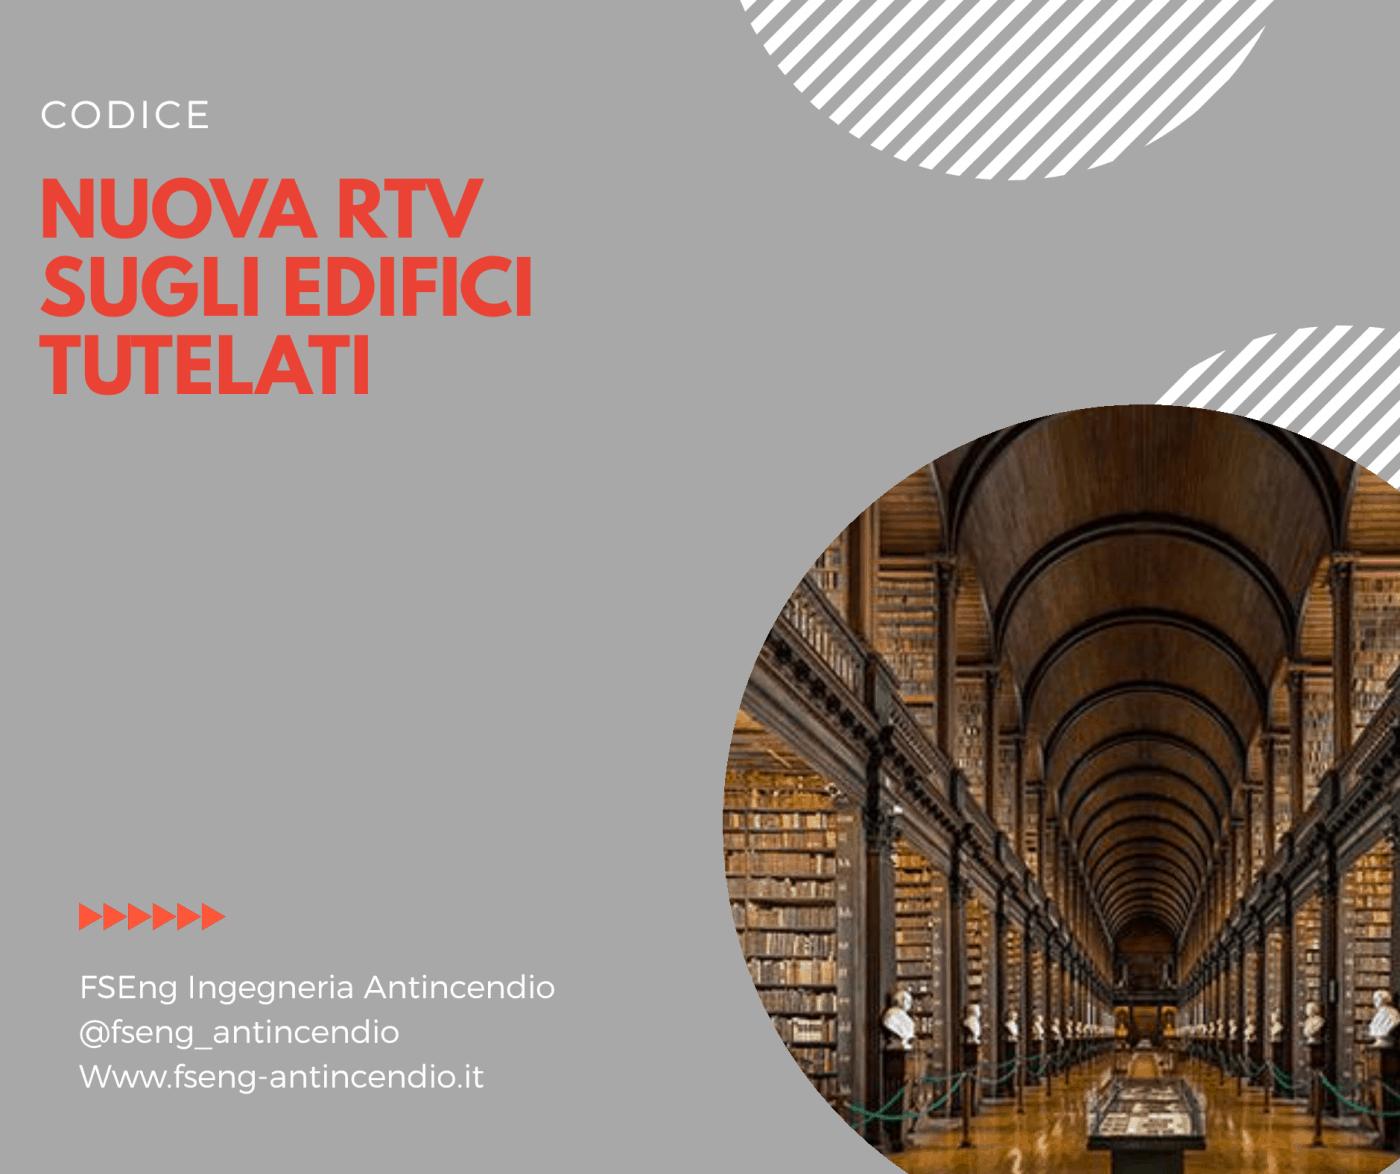 Nuova RTV10 edifici tutelati